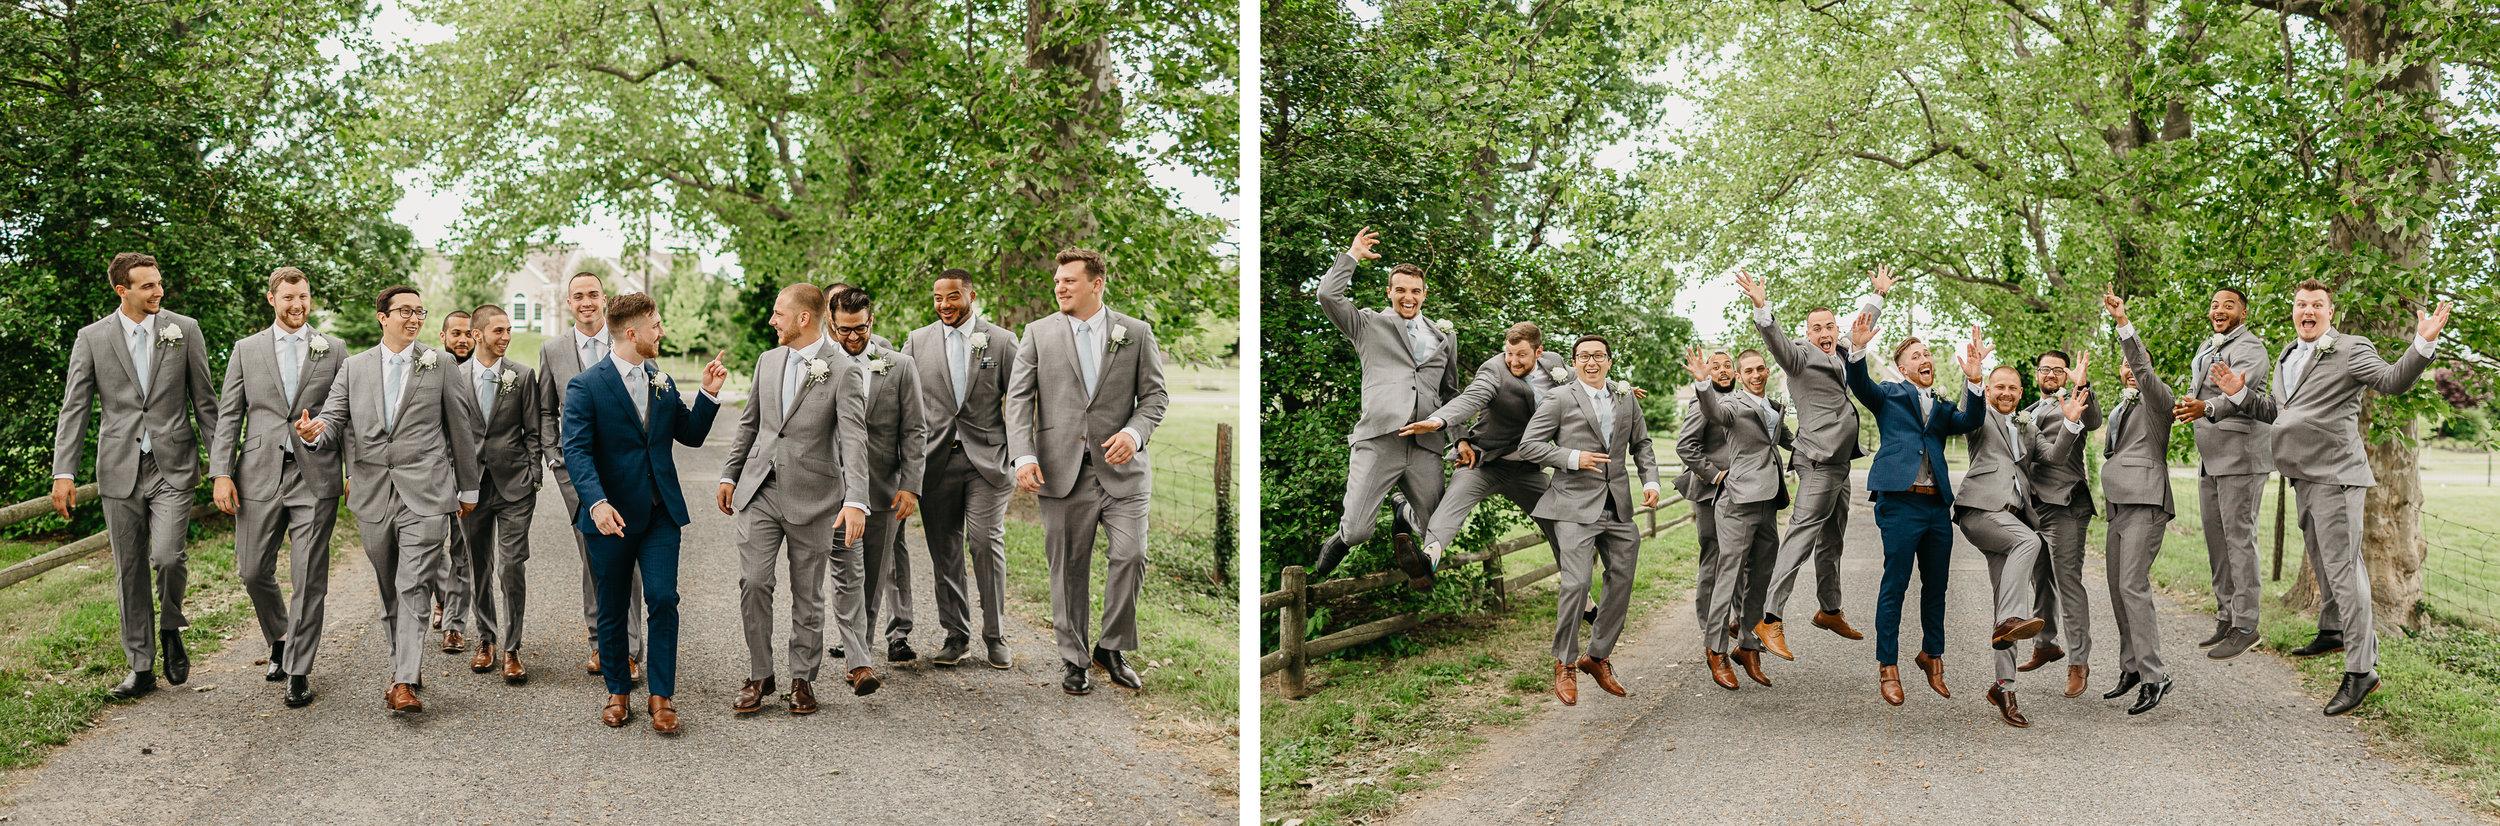 anna szczekutowicz austin wedding photographer-30.jpg